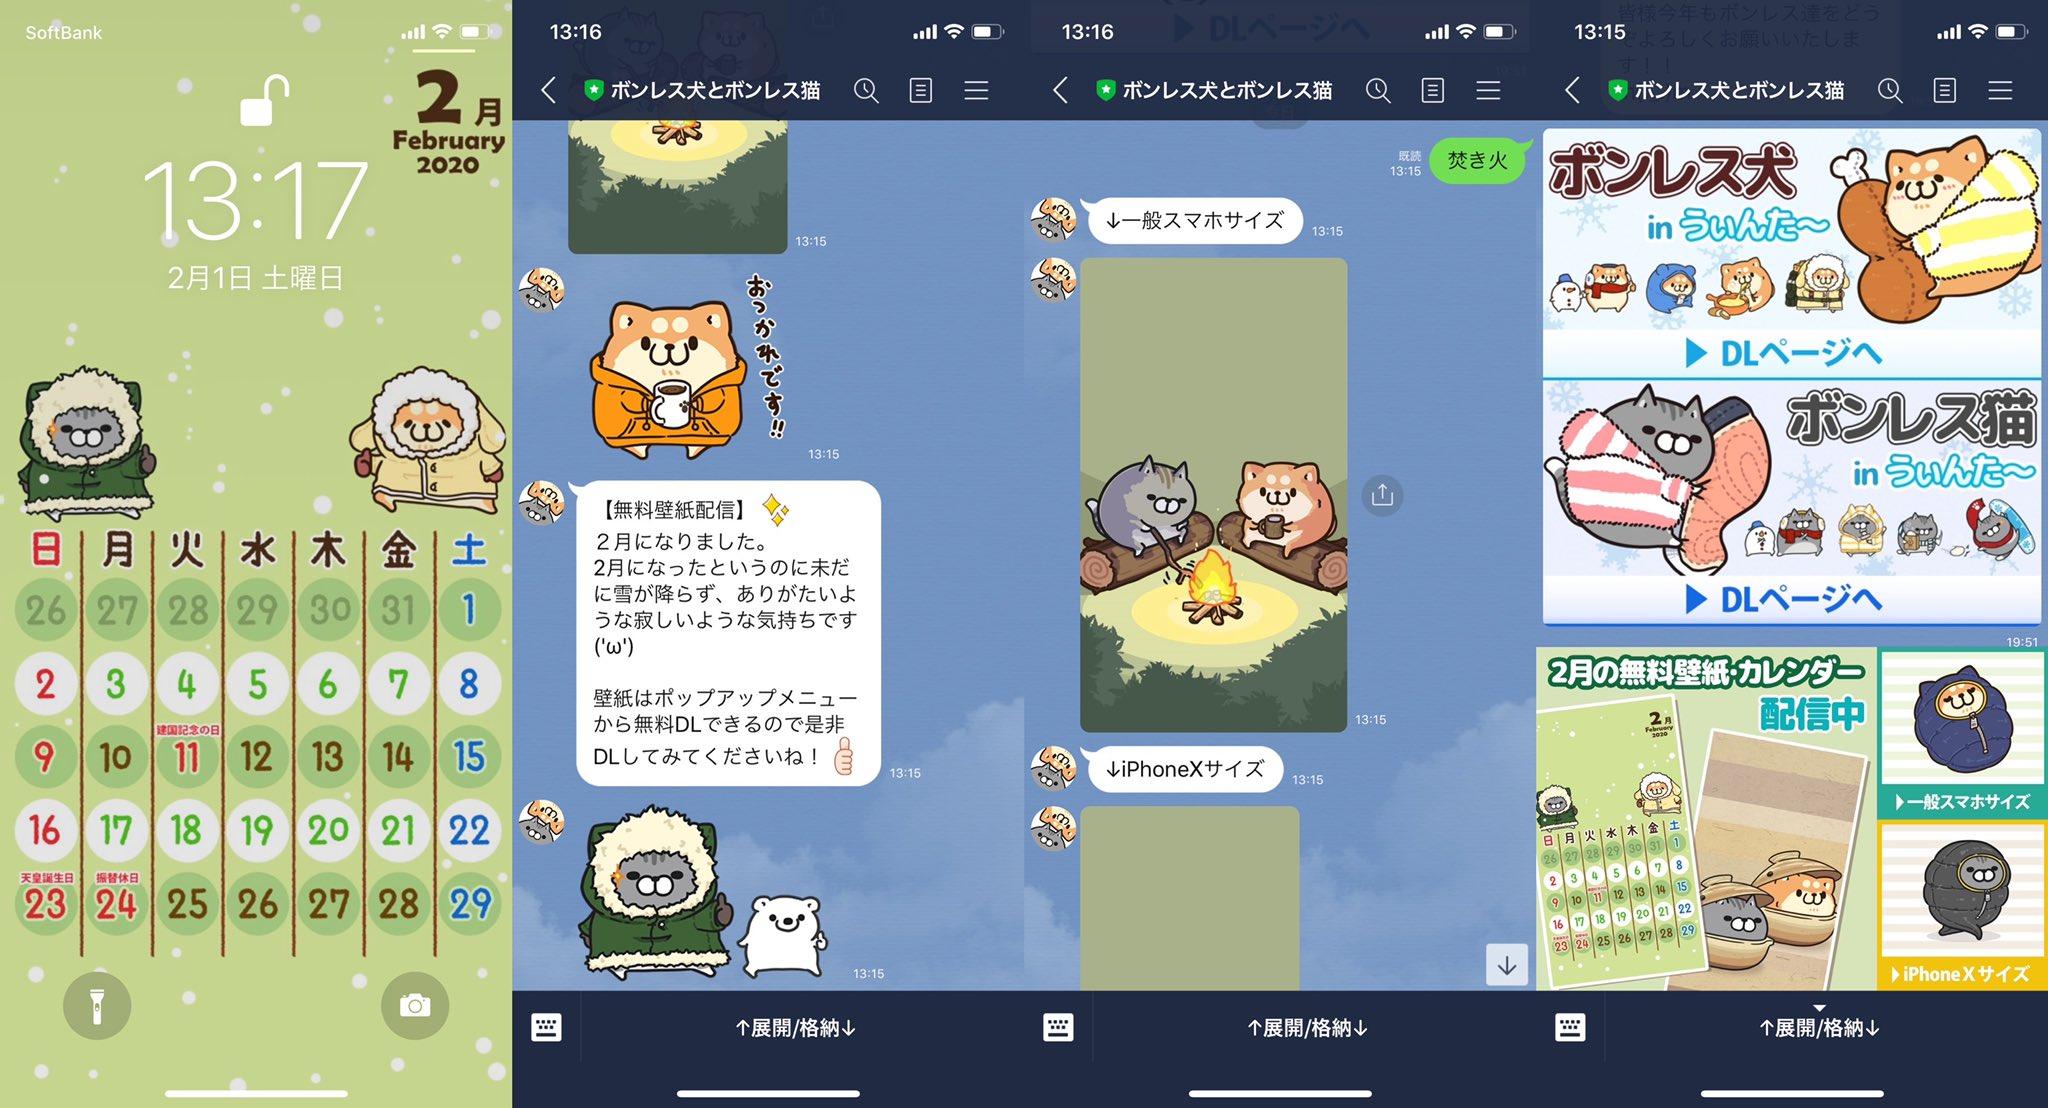 ボンレス犬猫🐶🐱カレンダーを iPhone 11 Pro の壁紙にセット https://t.co/LfVGI2UPQn